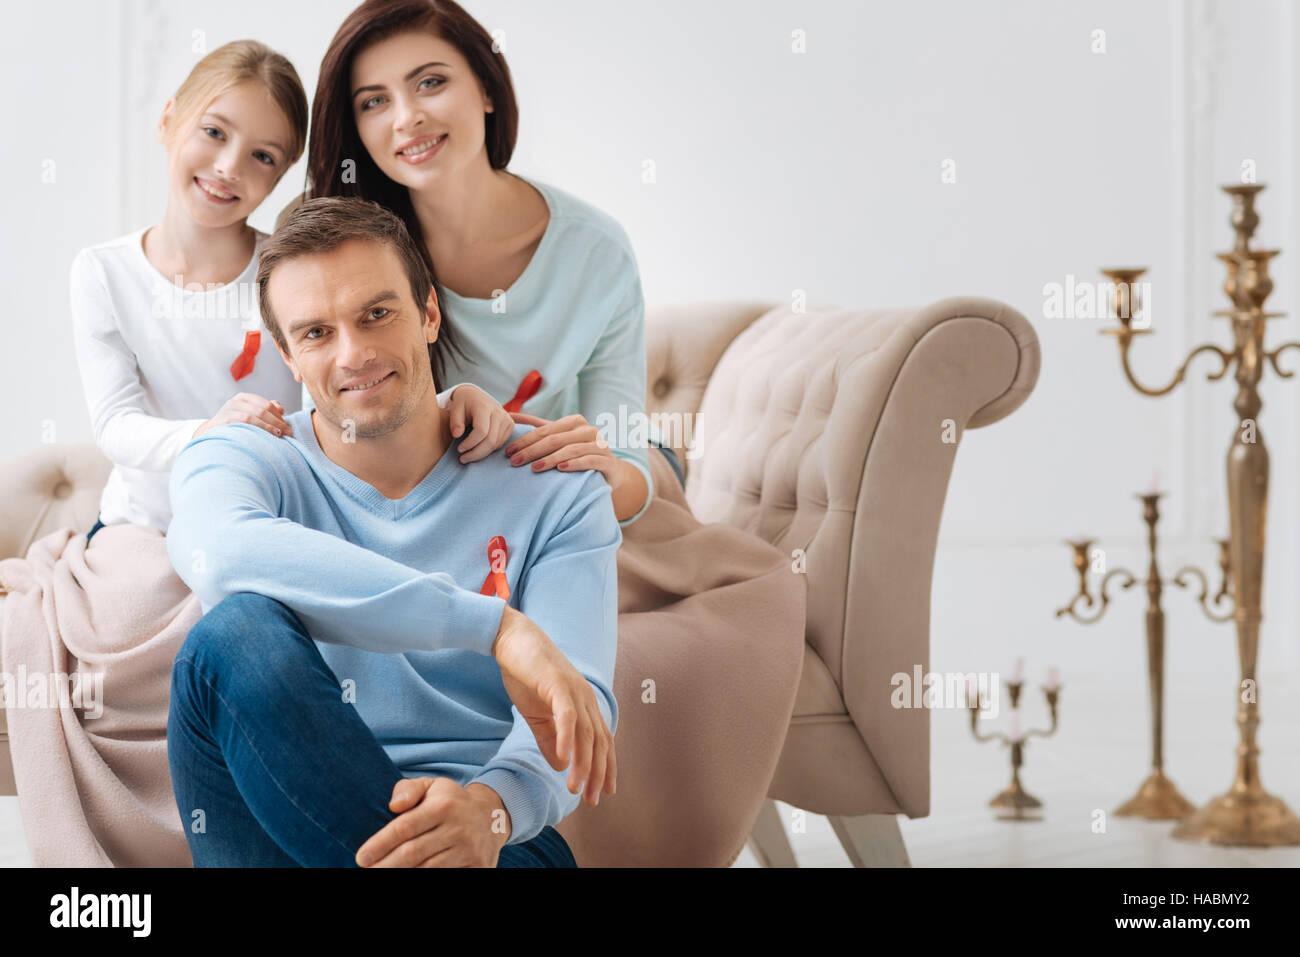 Famille heureuse heureux montrant leur sympathie pour les malades du SIDA Photo Stock